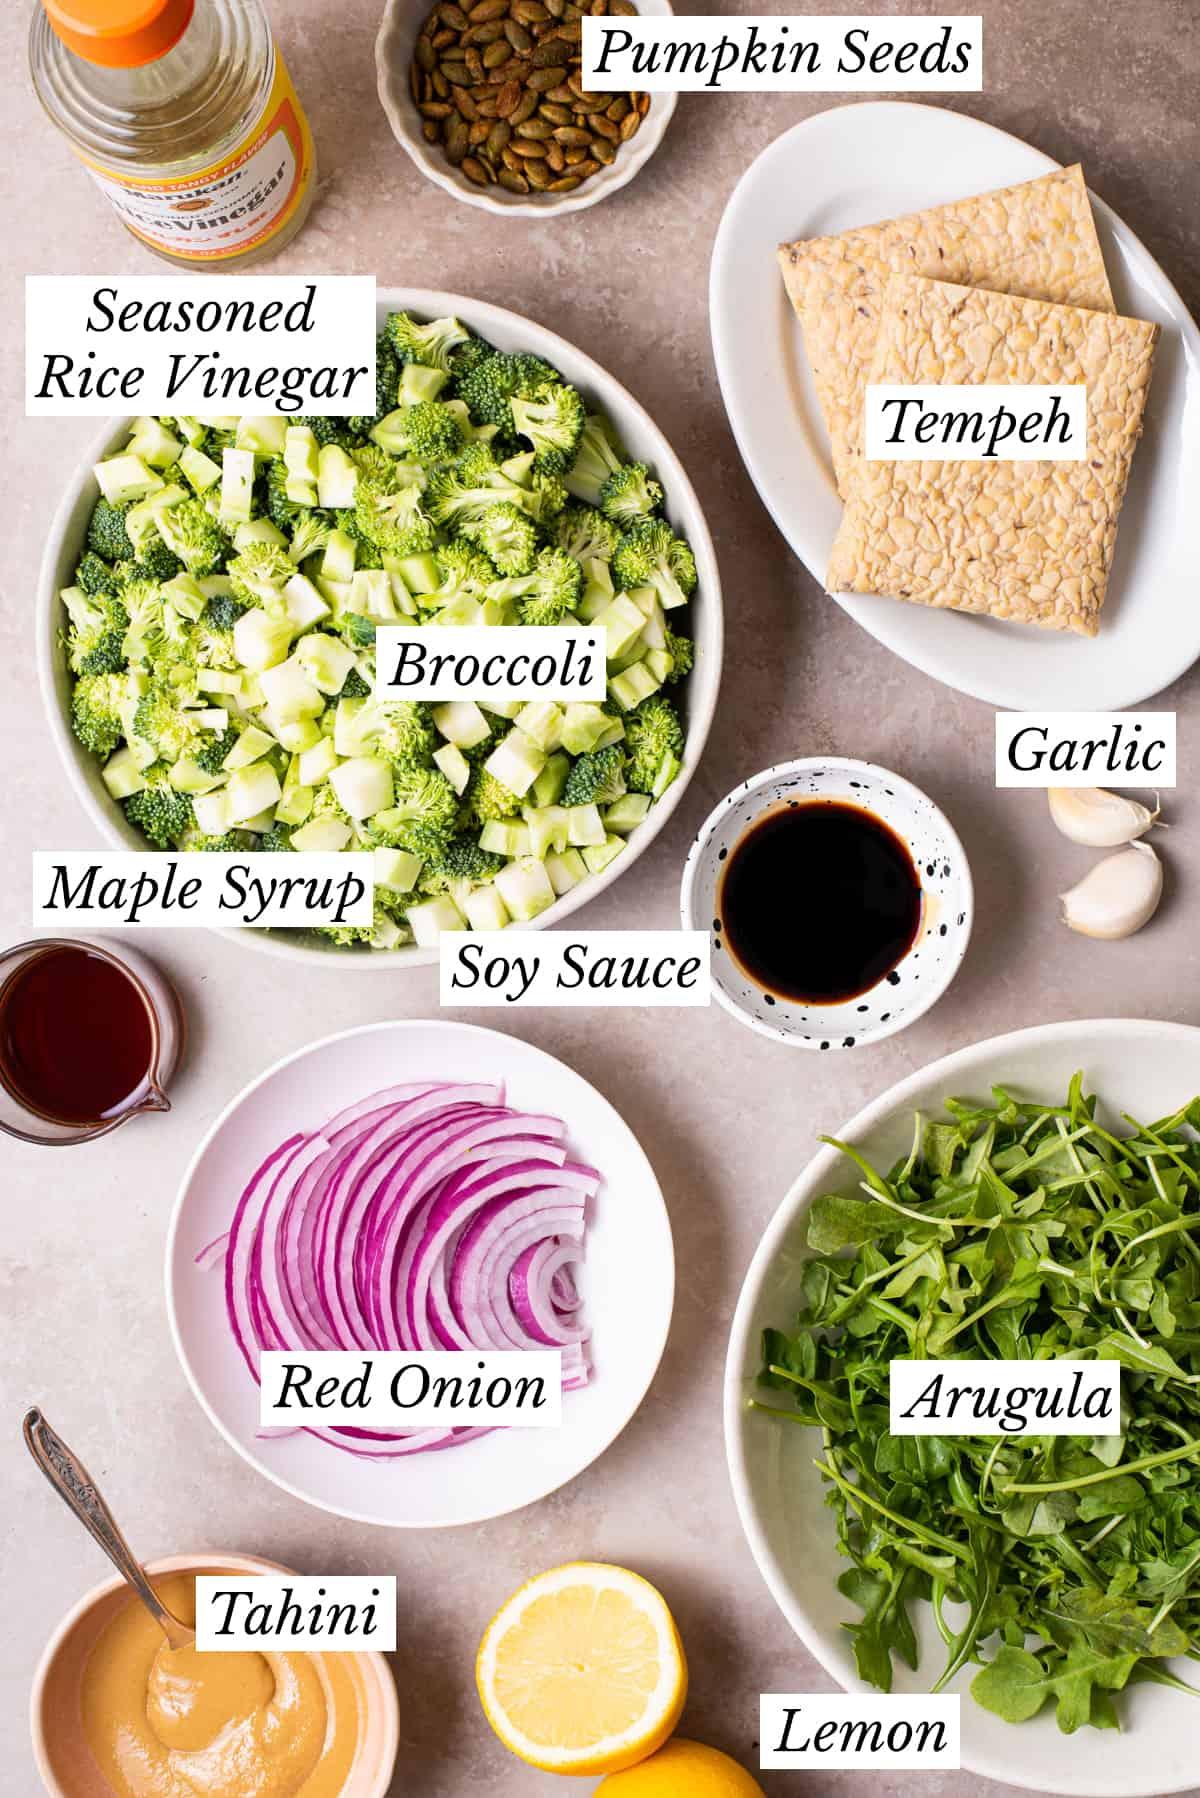 Ingredients gathered to make a vegan meal prep salad.